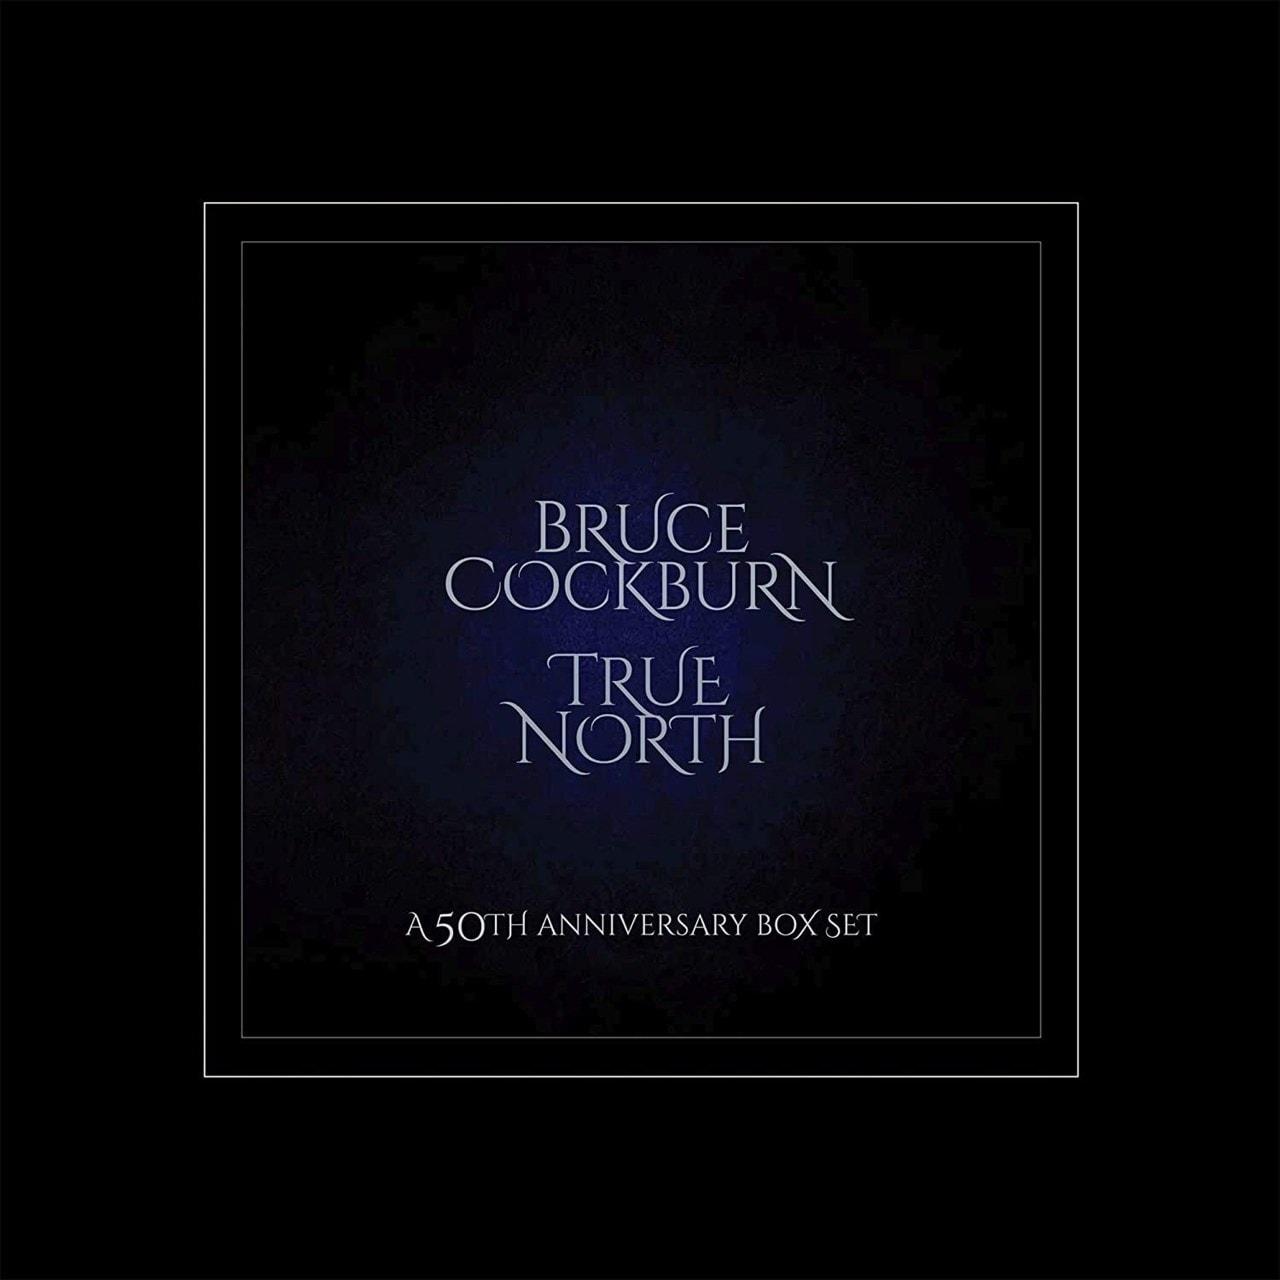 True North: A 50th Anniversary Box Set - 1